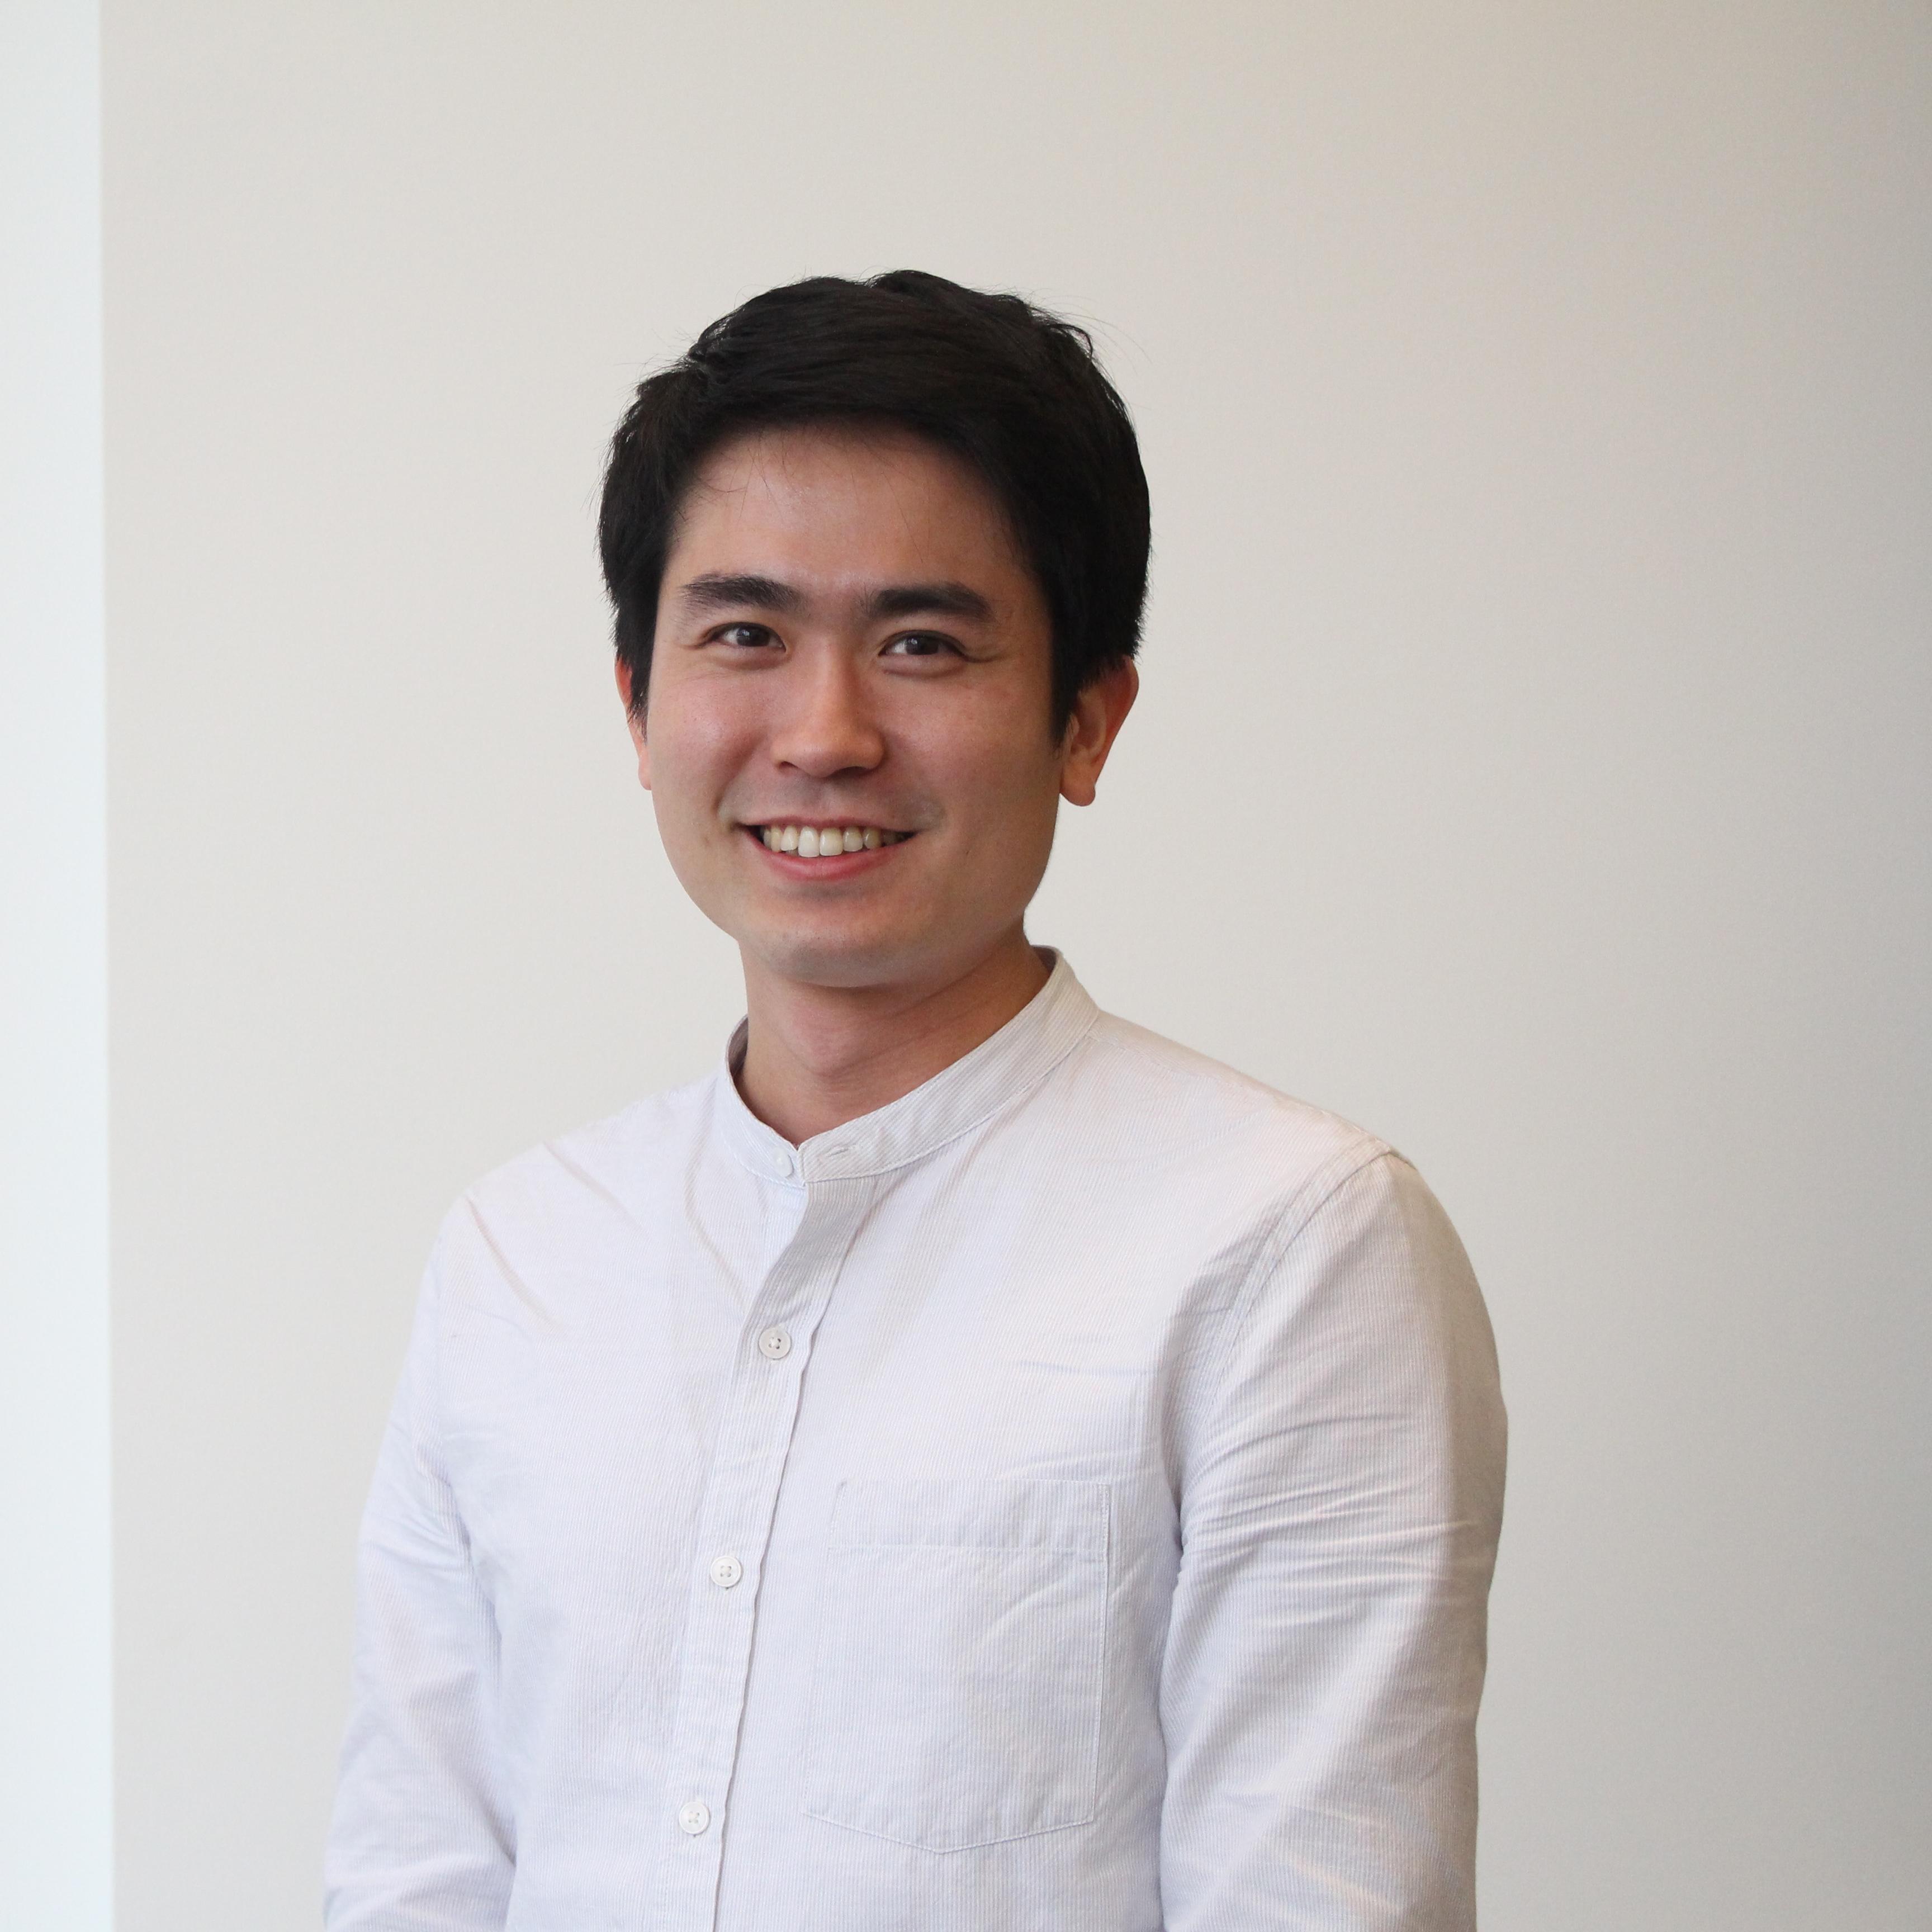 Dr. Sungsu Kim